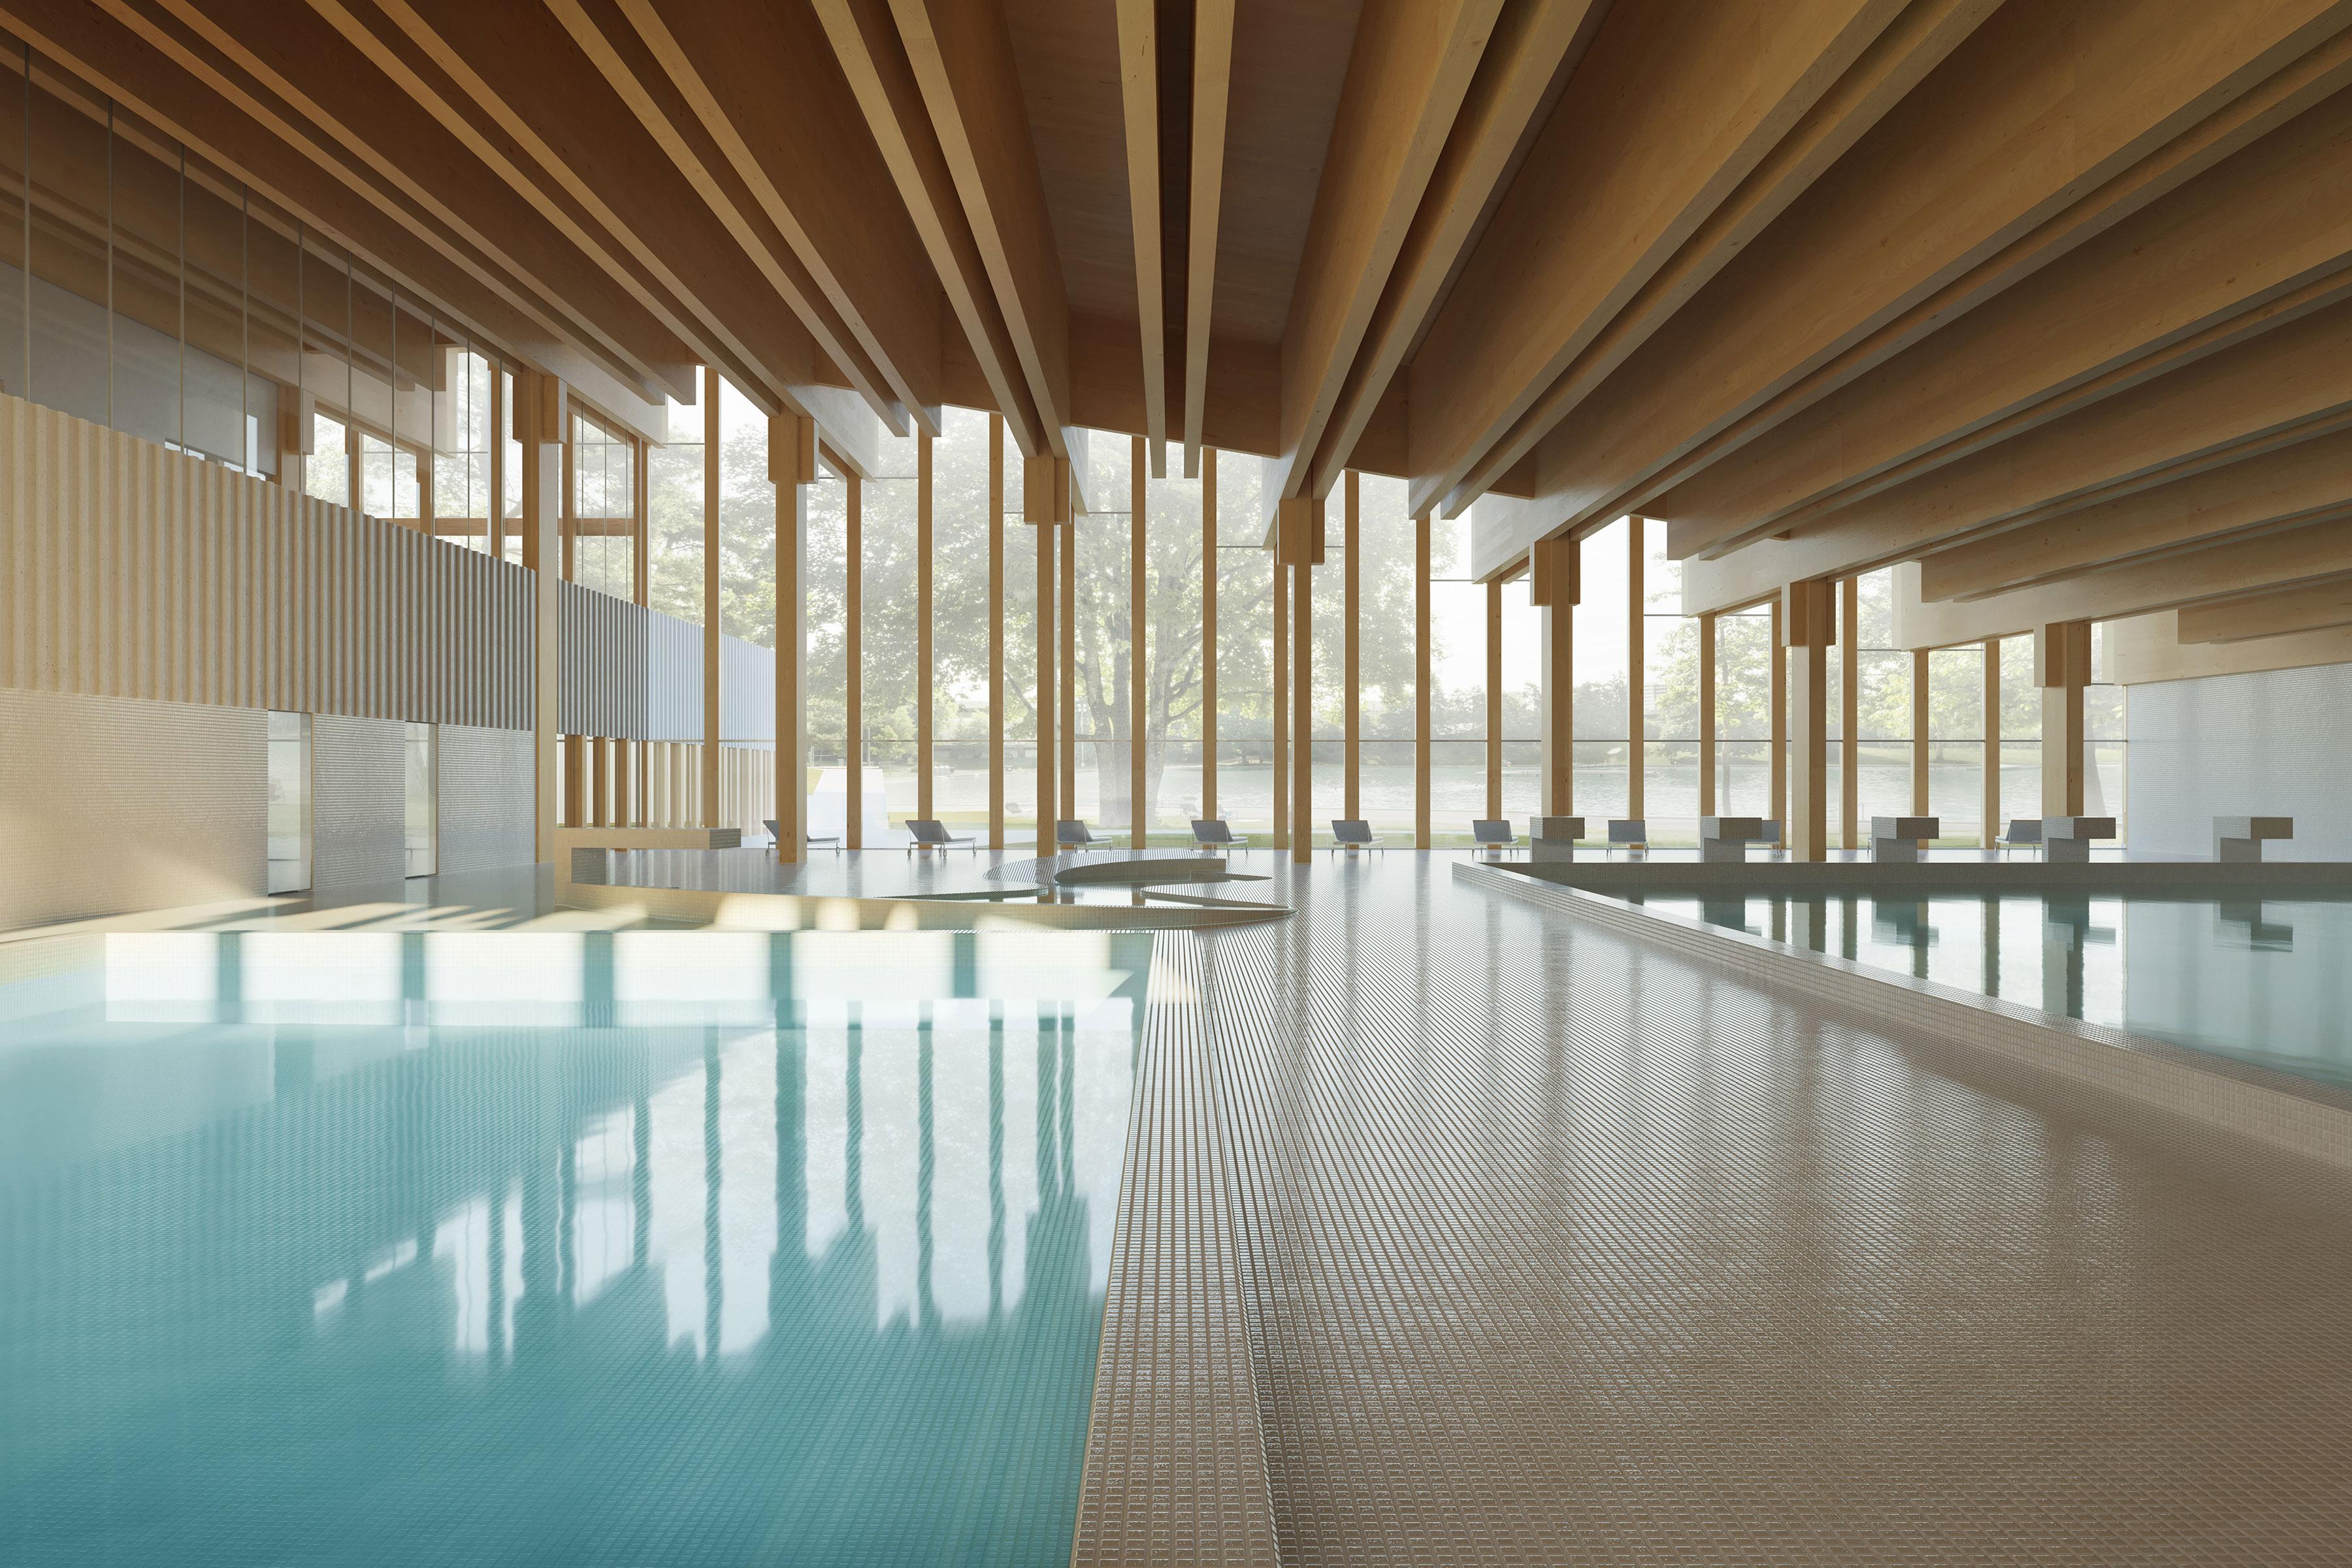 Indoor pool of Weyermansshaus competition entry Marques Architekten AG 2020 | Schwimmbau Erneuerung Sportanlage Weyermannshaus 2020